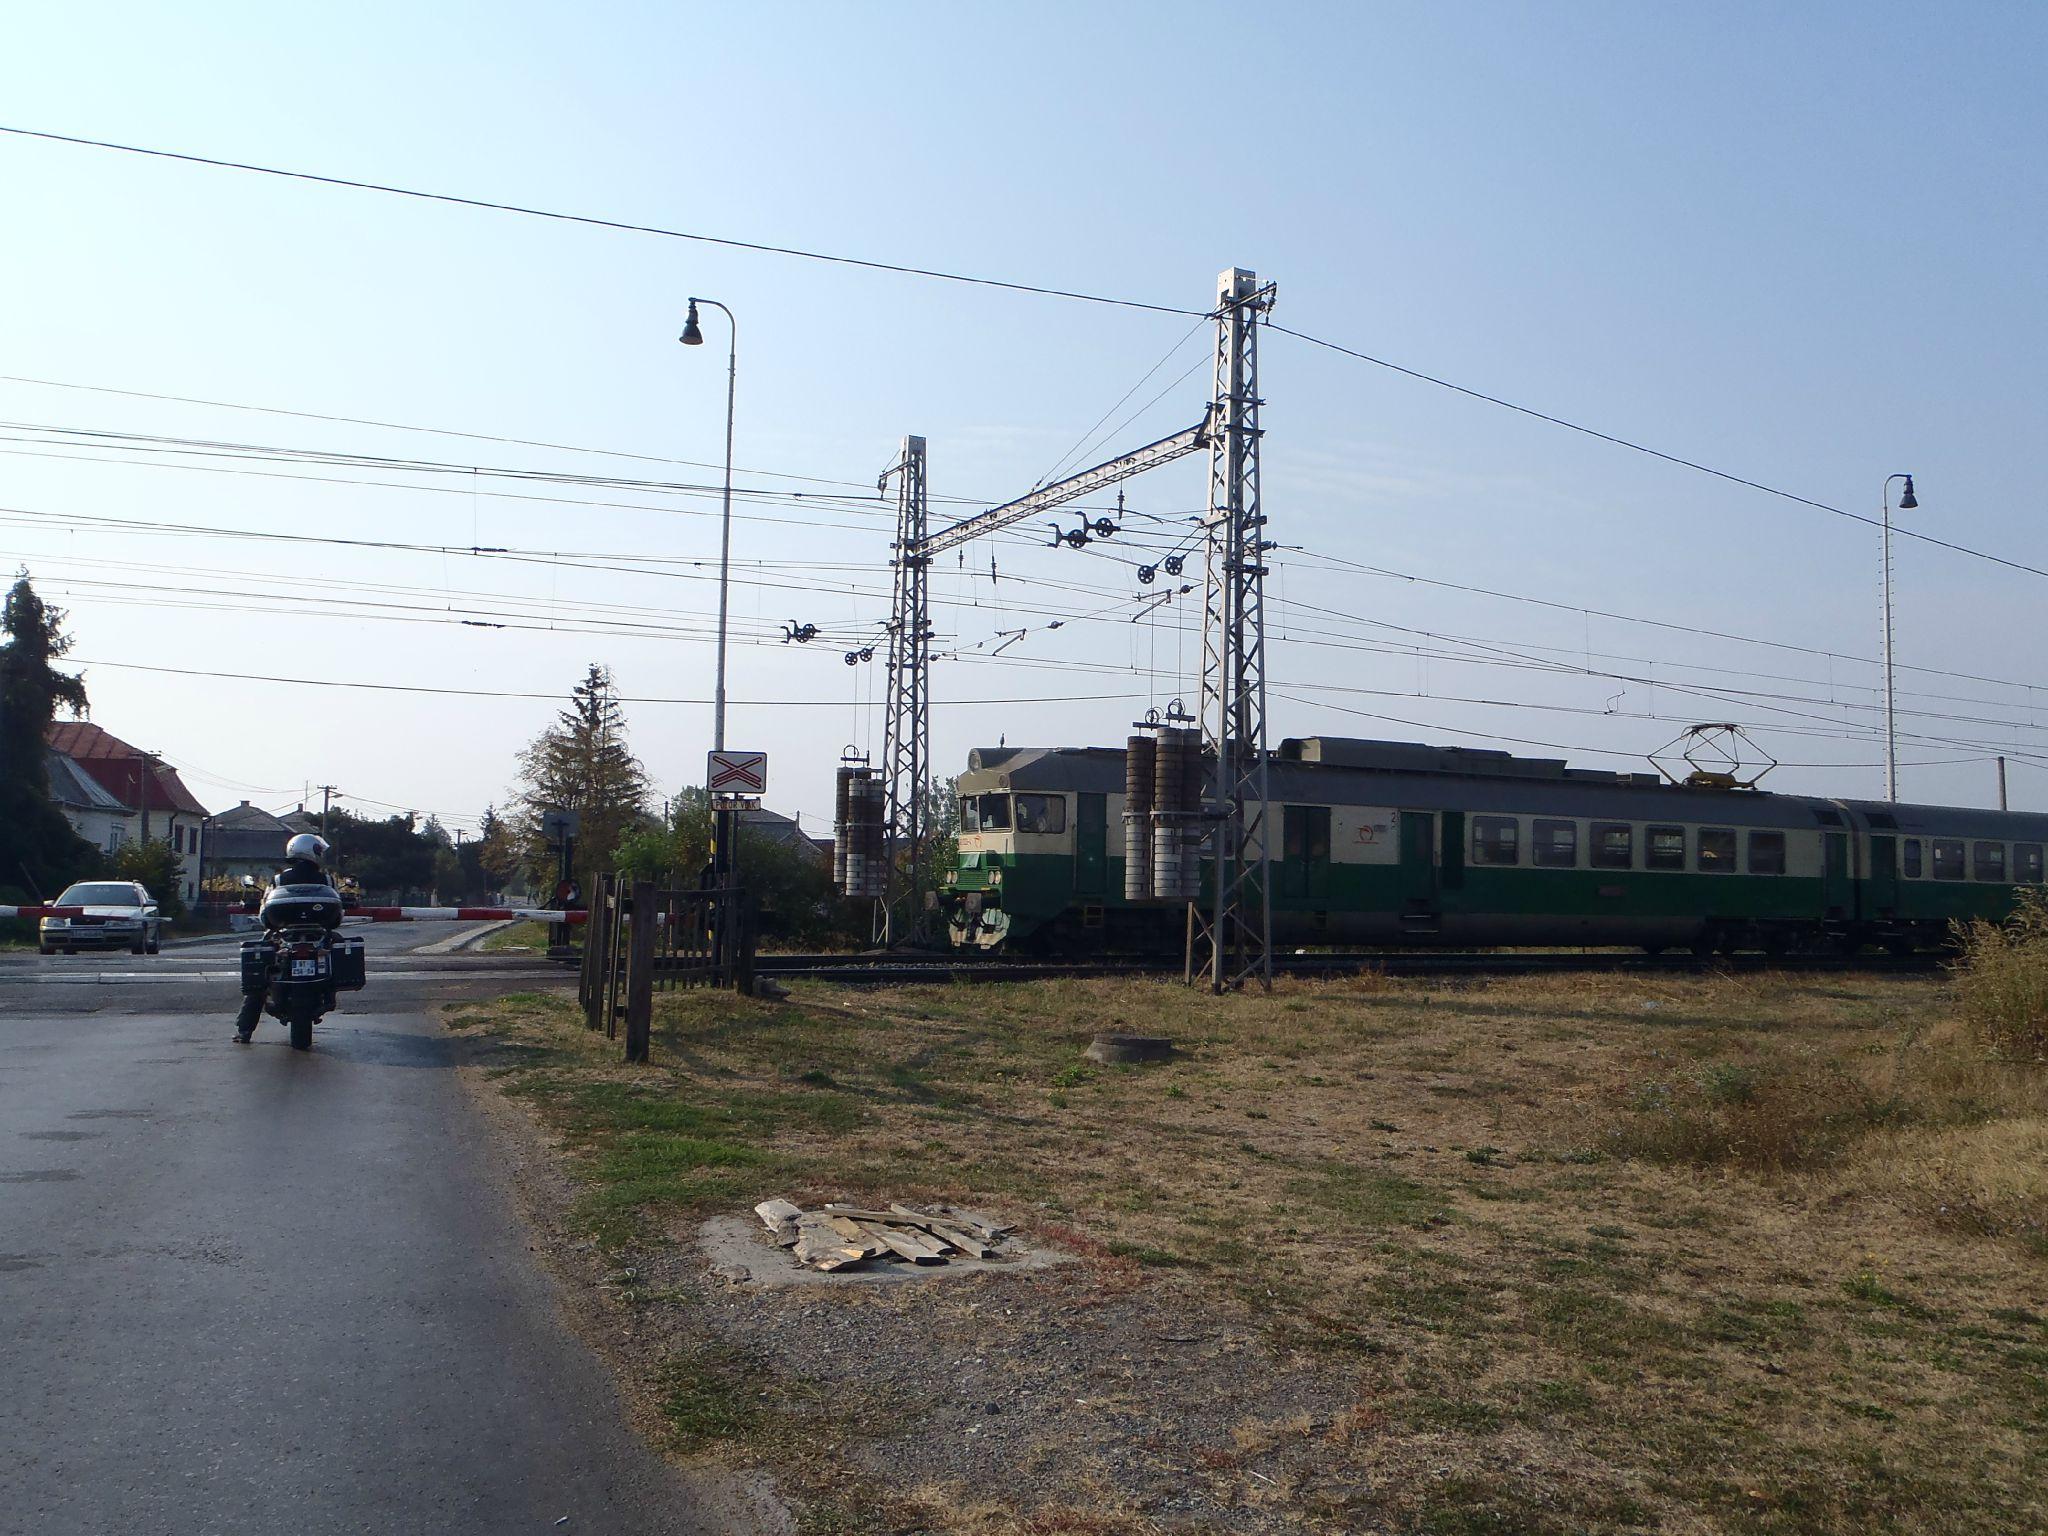 slovaquie - attente passage à niveau - crime dans l'orient express